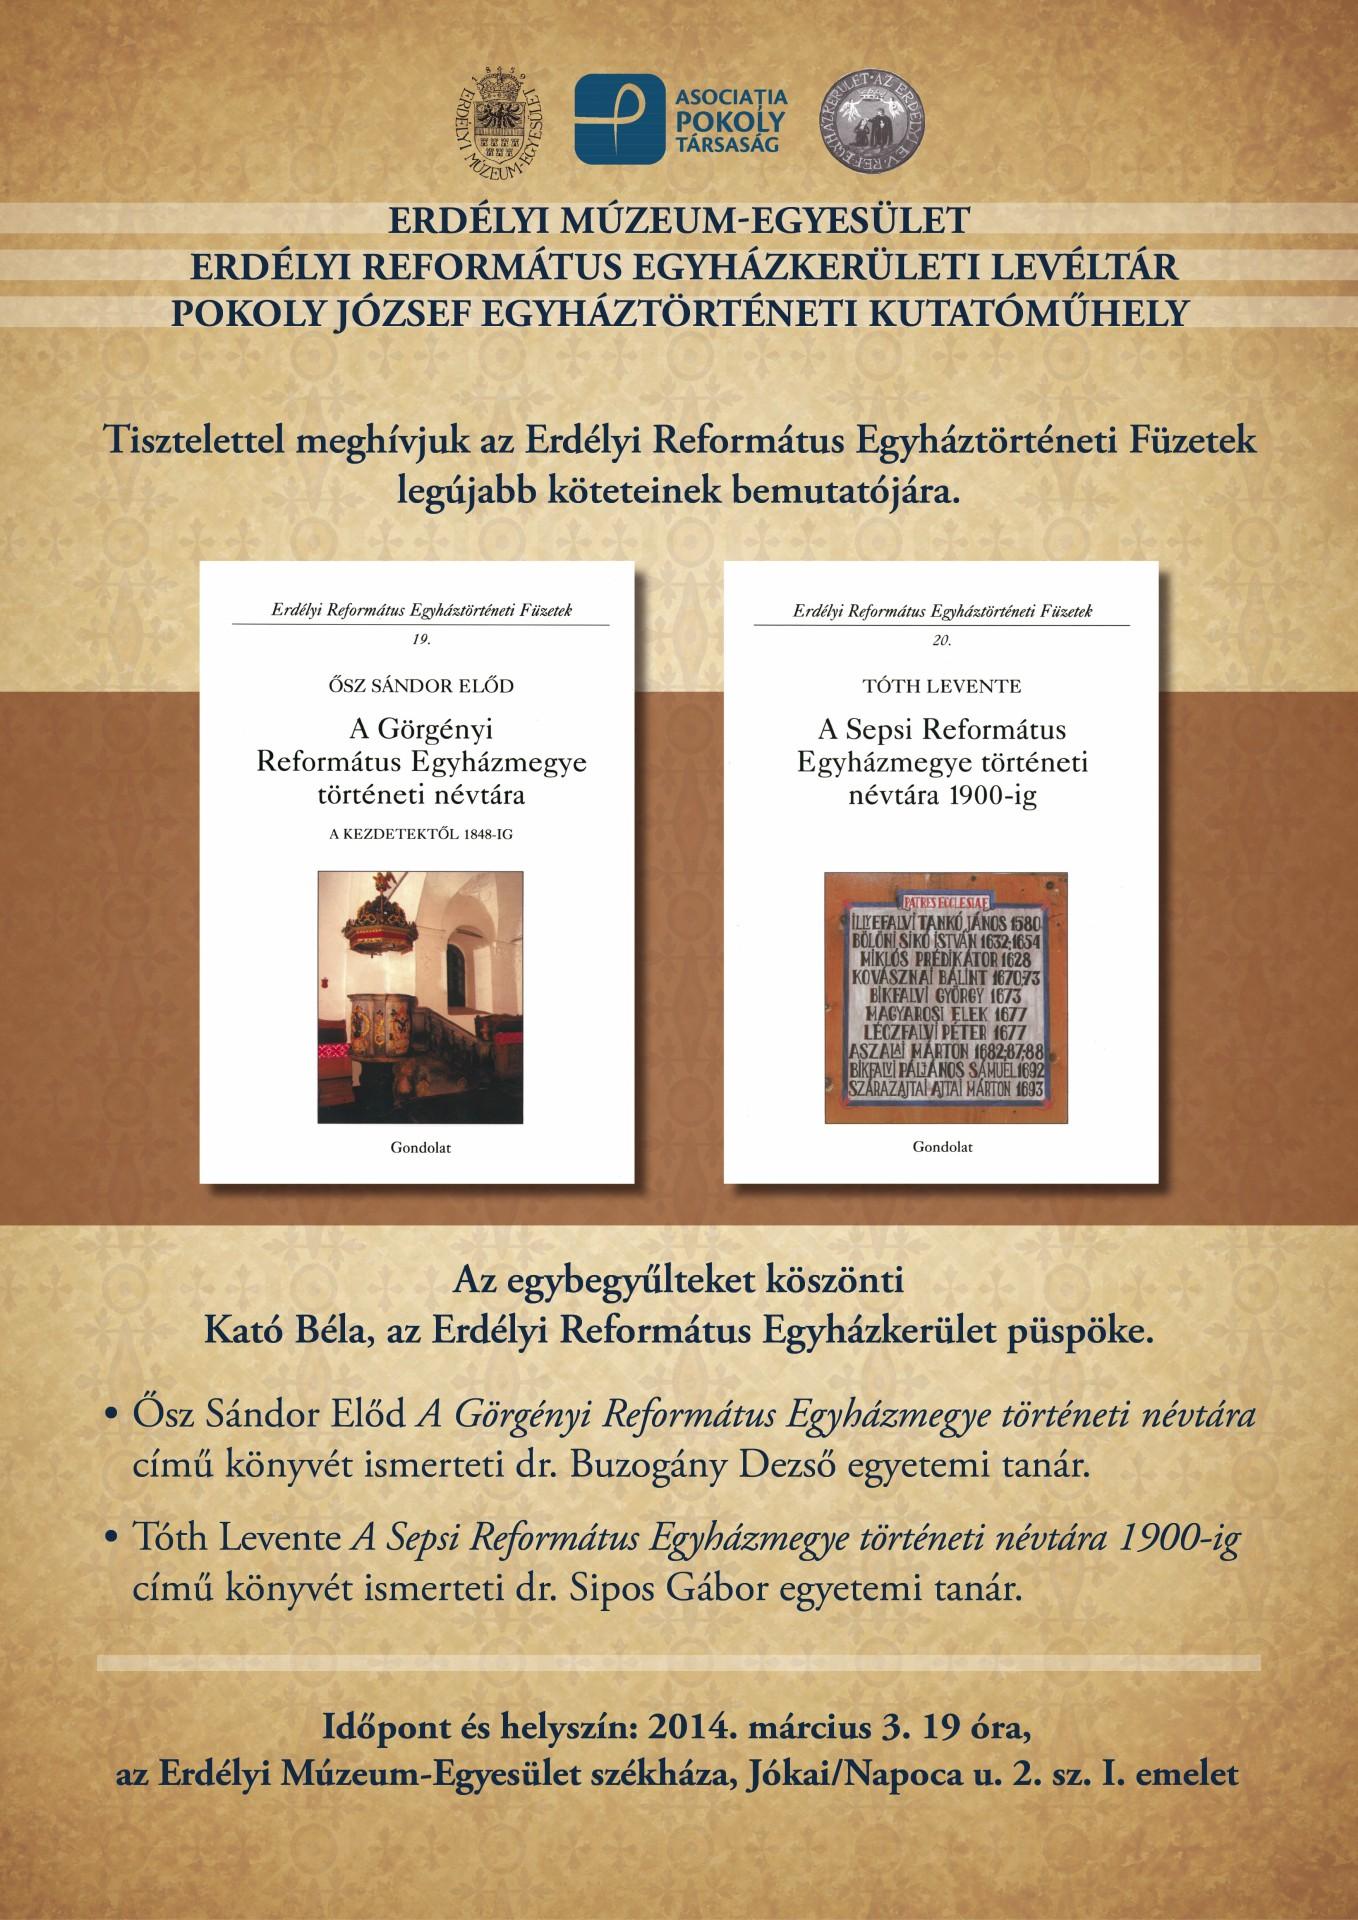 Ősz Sándor Előd A Görgényi Református Egyházmegye történeti névtára című könyvét mutatják be